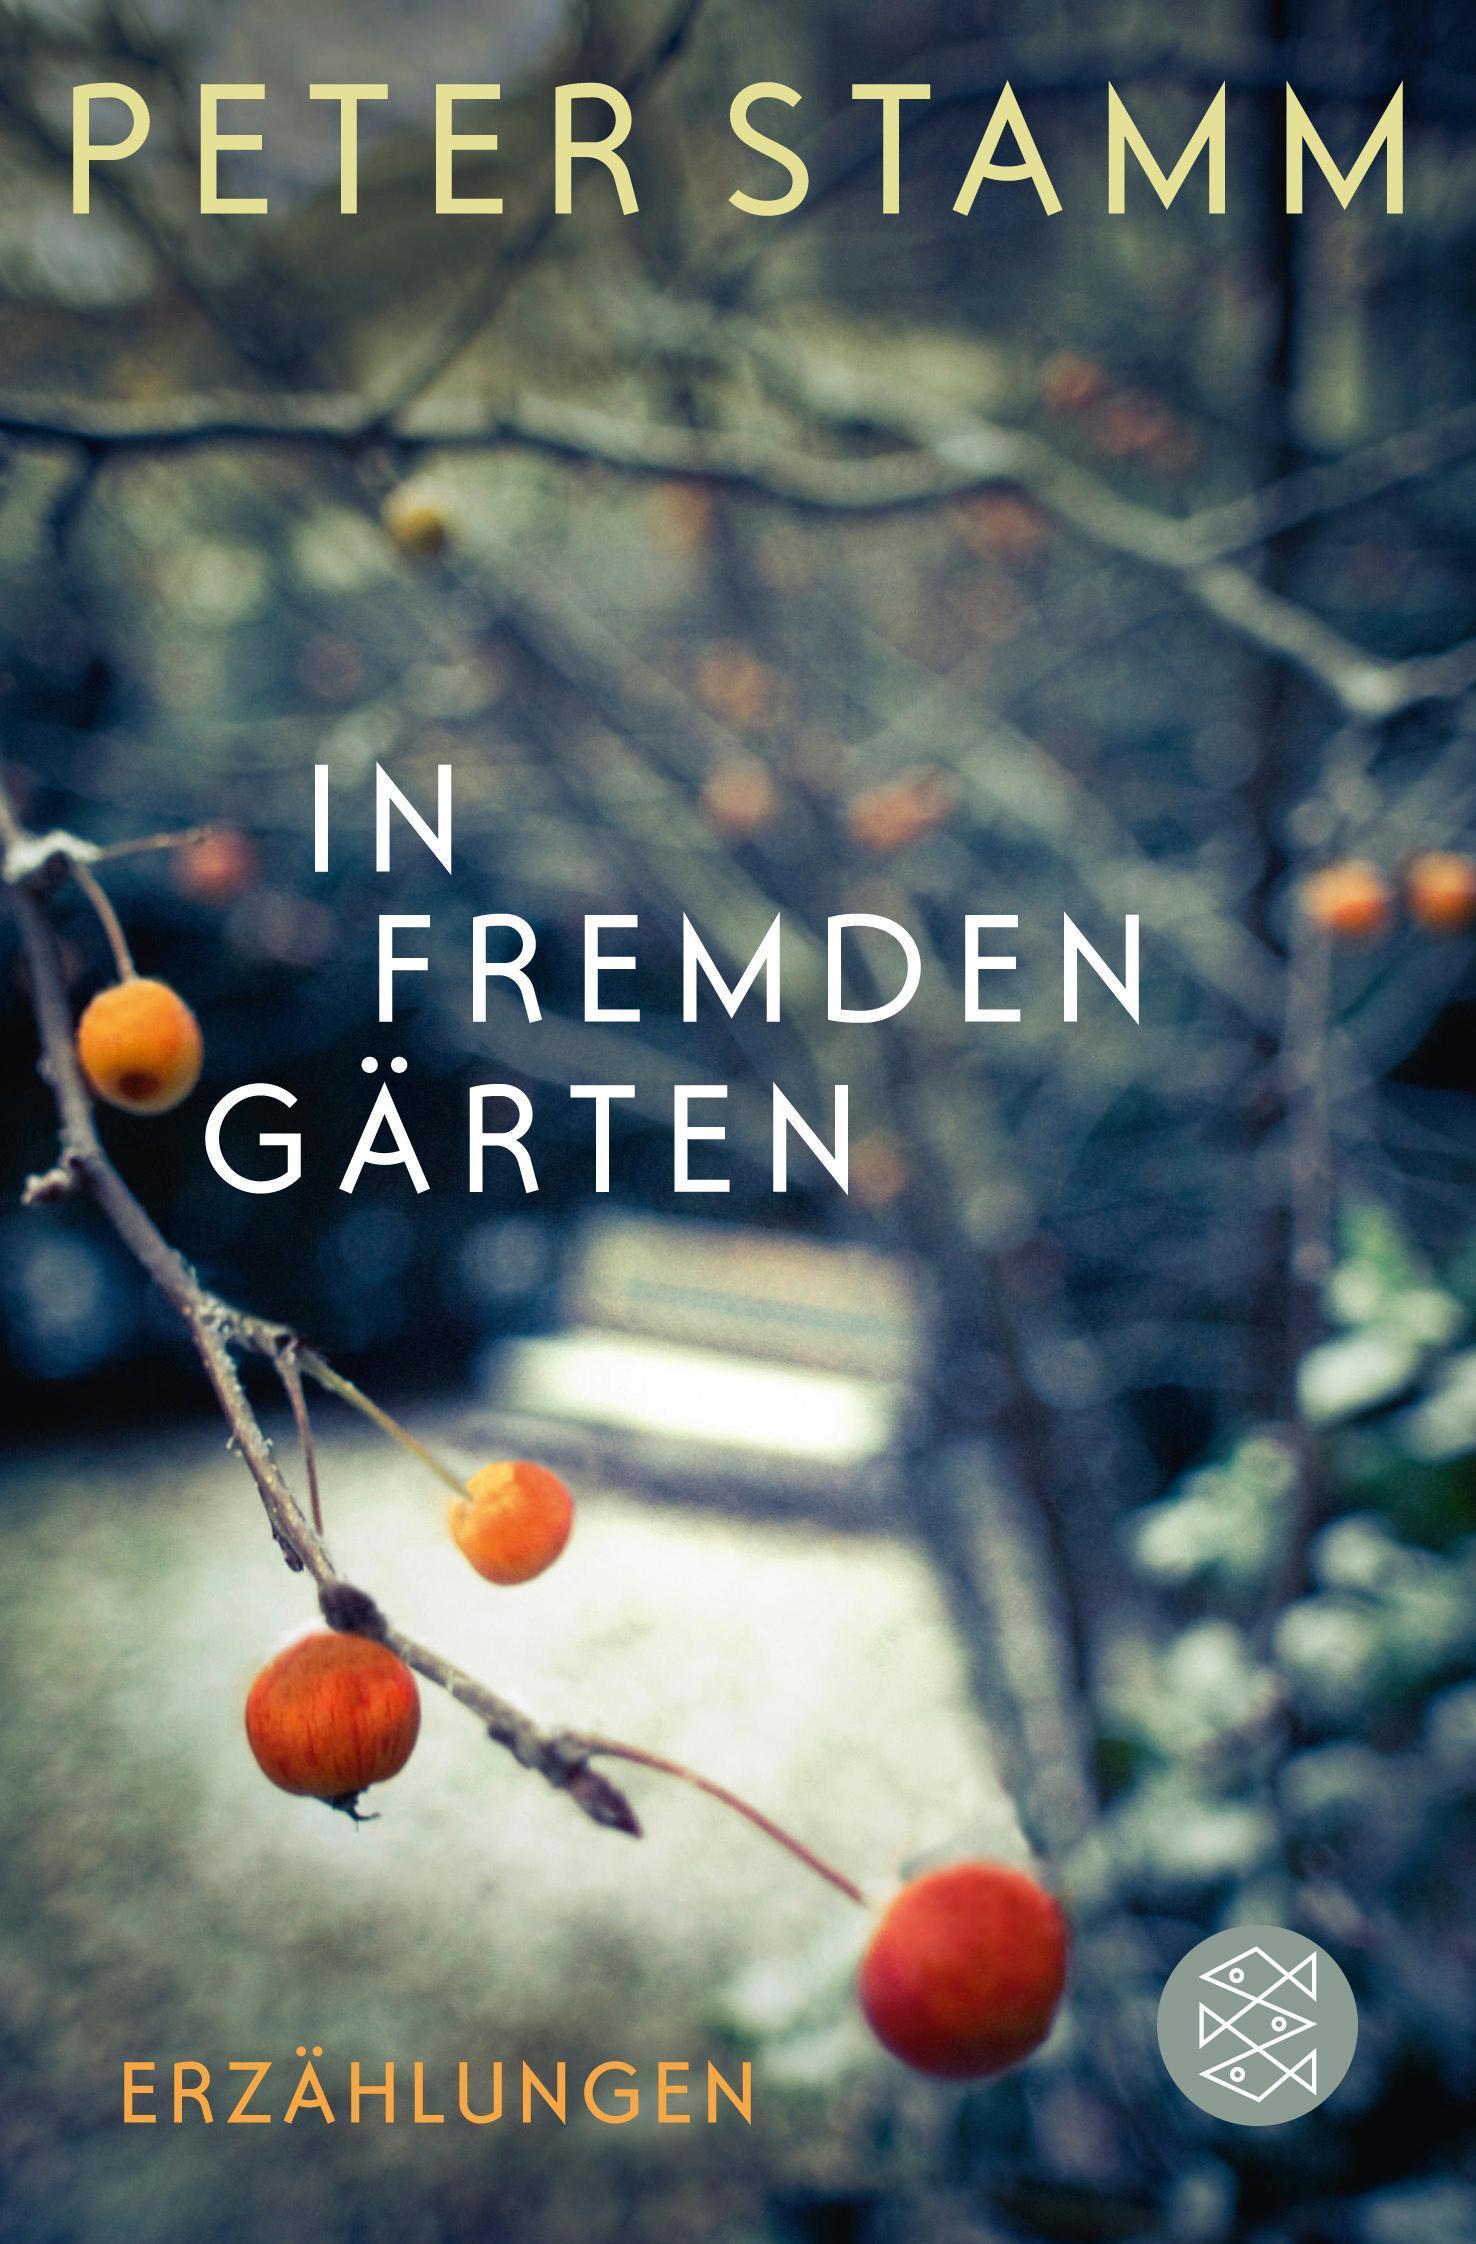 Peter Stamm ~ In fremden Gärten 9783596197125